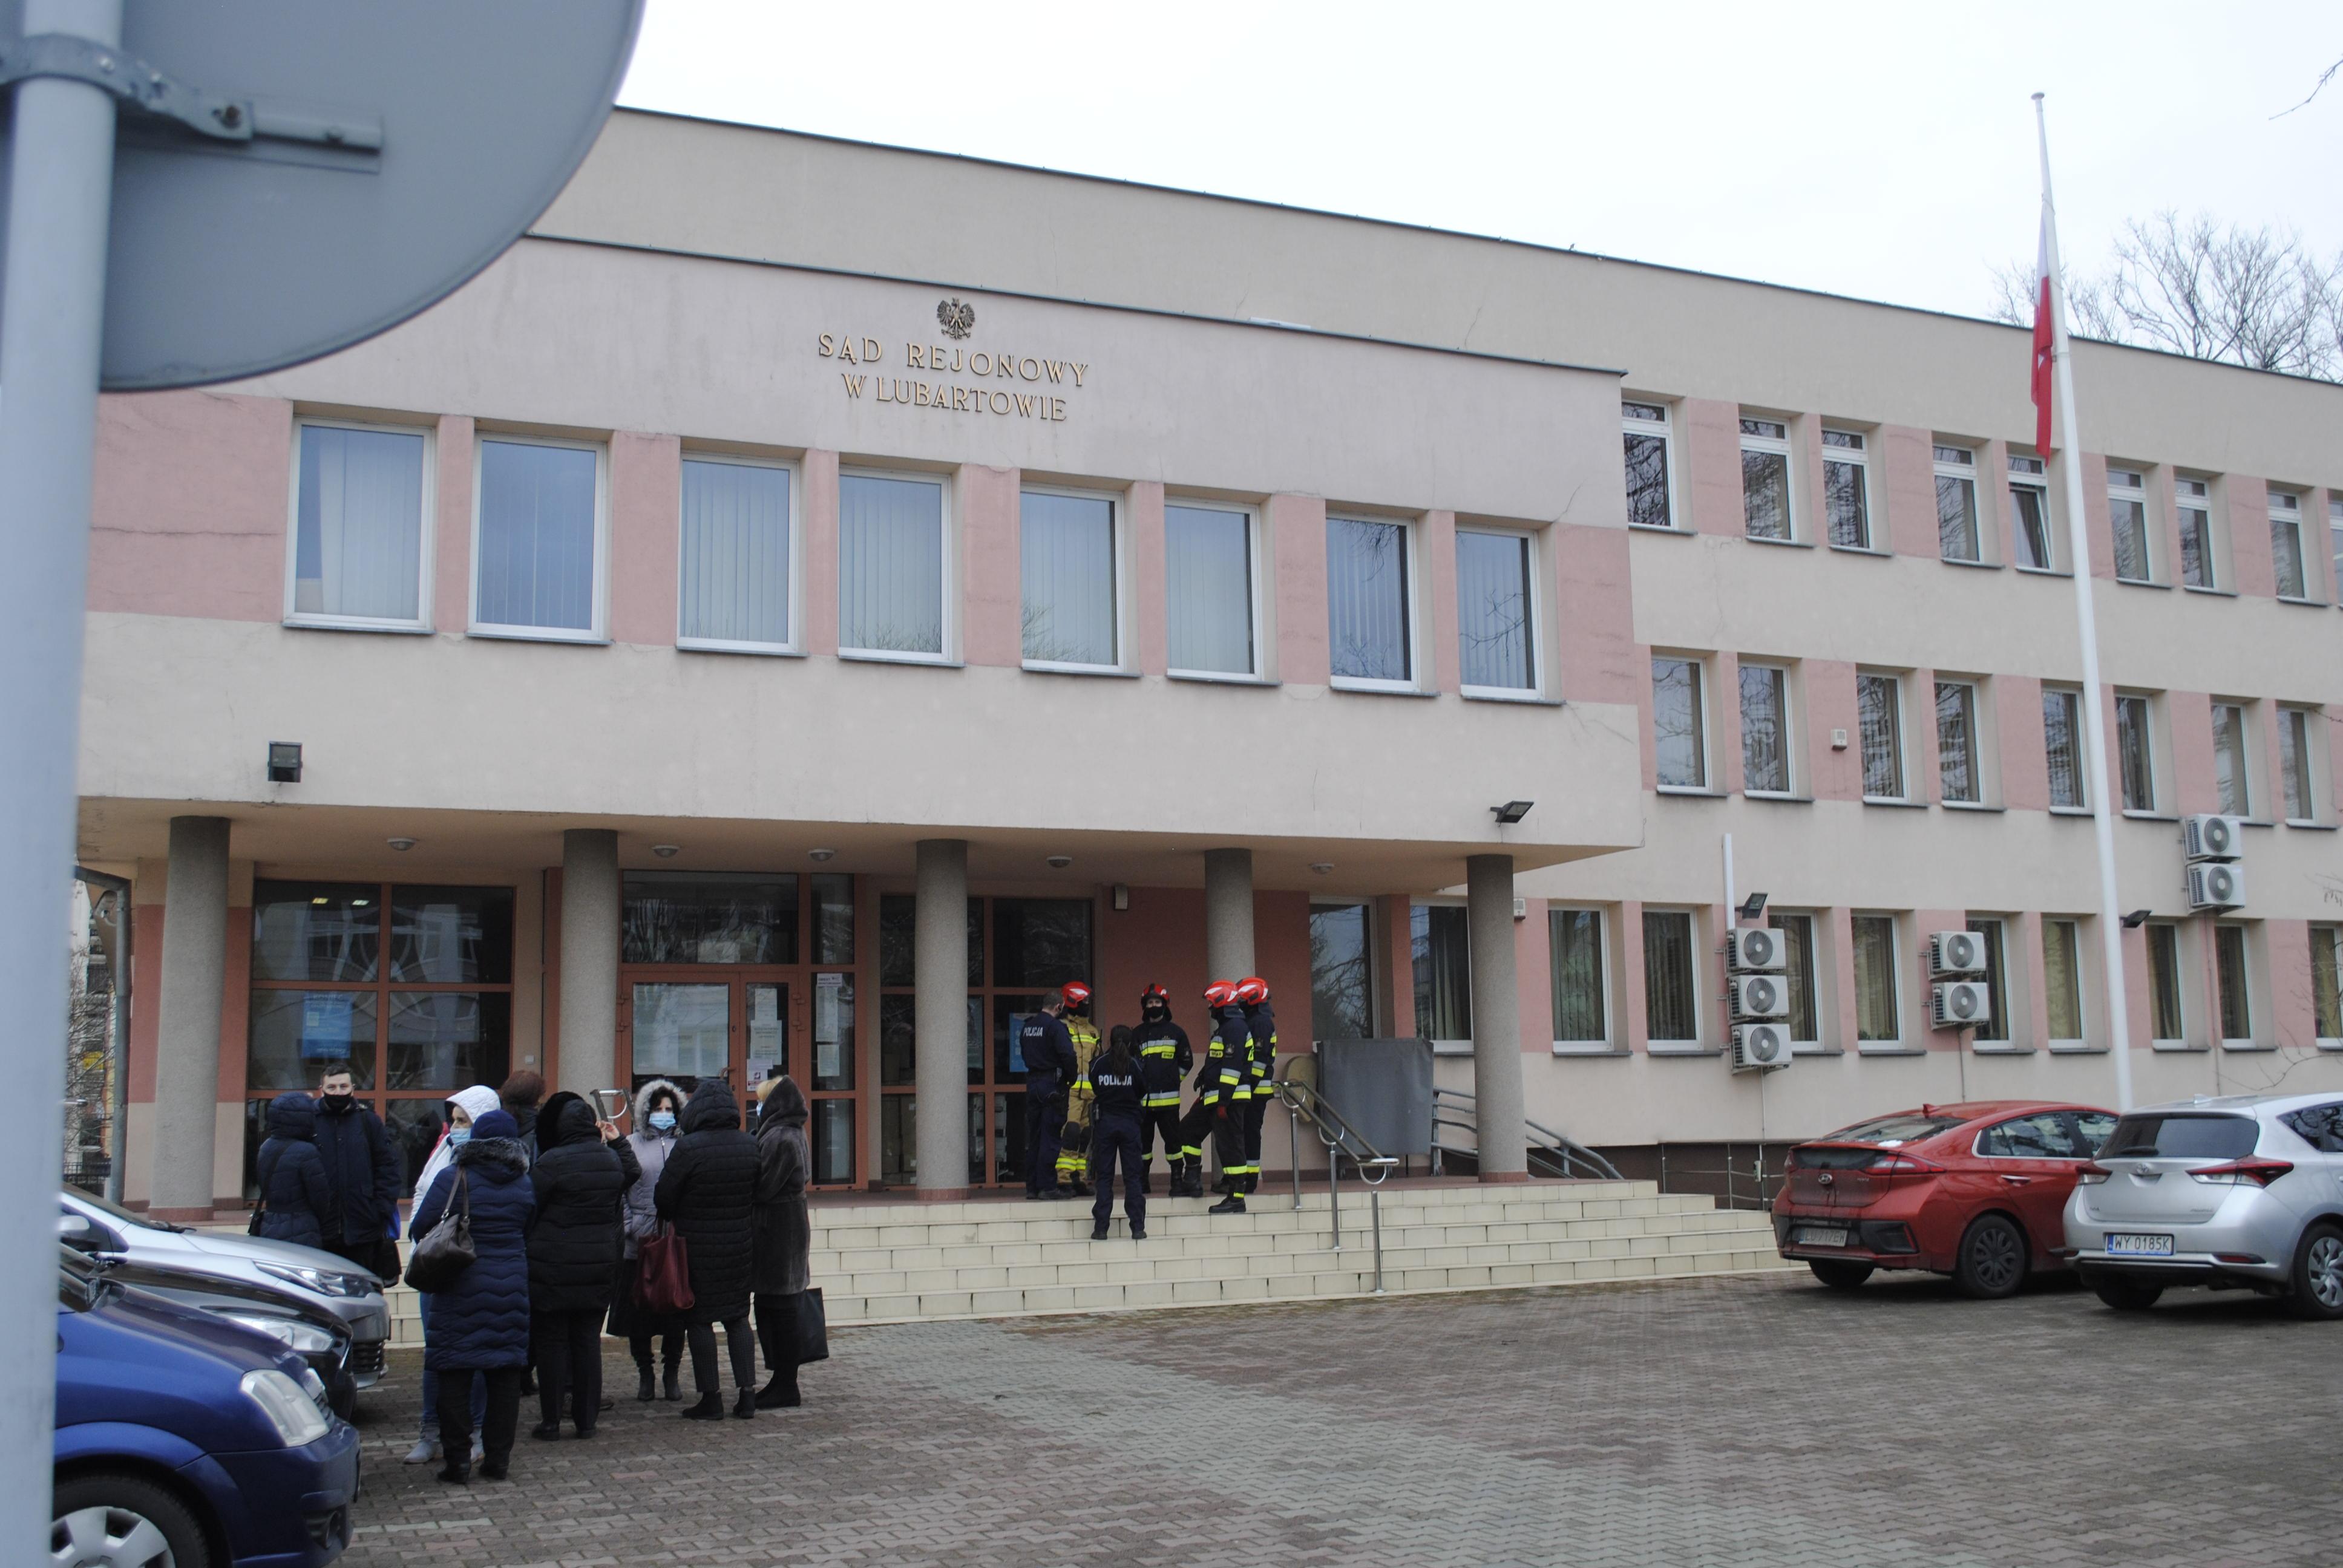 Alarm bombowy w Sądzie Rejonowym w Lubartowie (aktulizacja, zdjęcia) - Zdjęcie główne